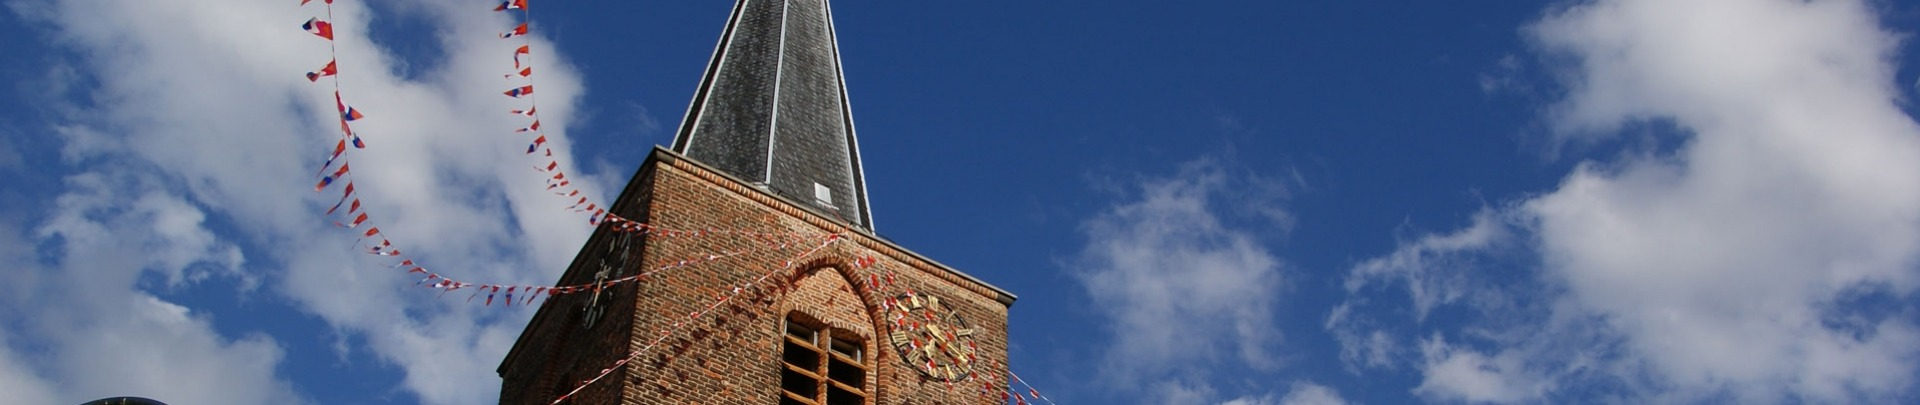 Kerktoren versierd met vlaggetjes